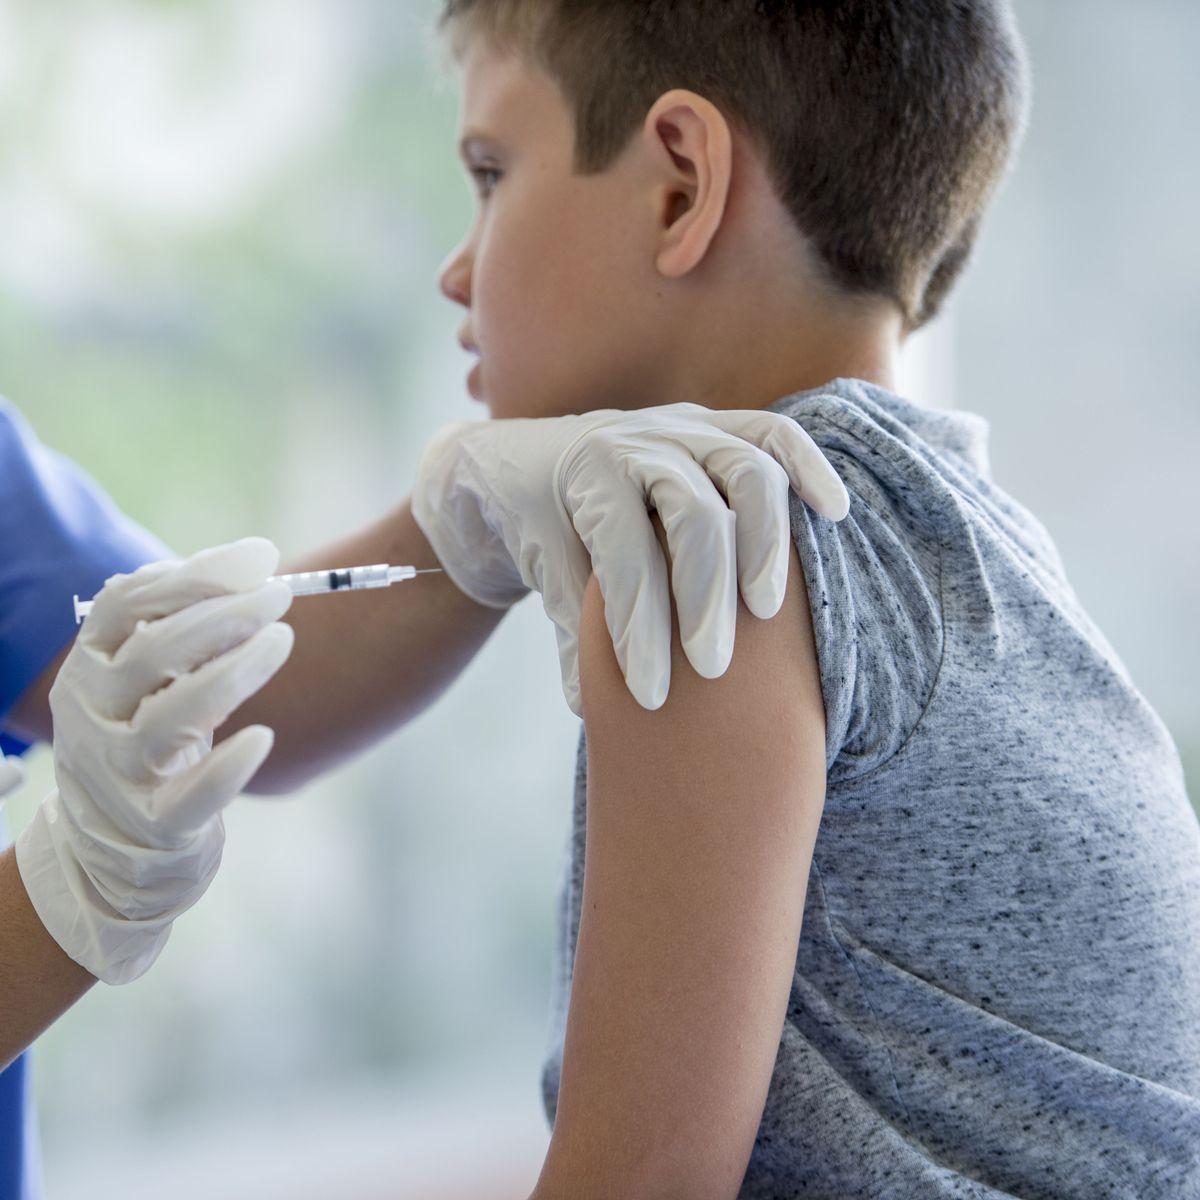 hpv impfung jungen empfehlung gestionarea hardware ului viermilor